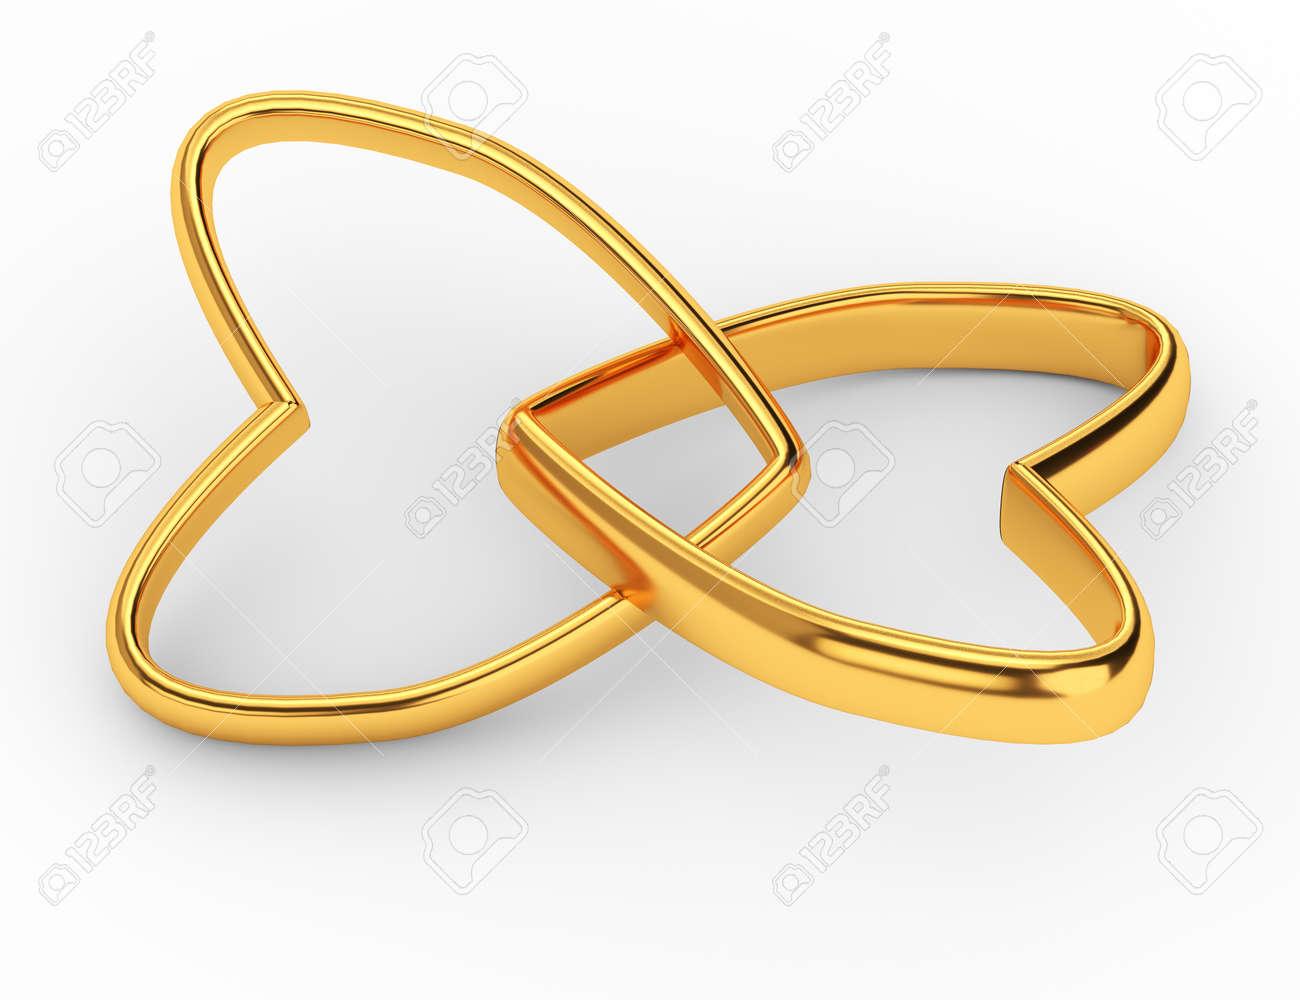 Zwei Miteinander Verbundene Gold Hochzeit Herzen Auf Weissem